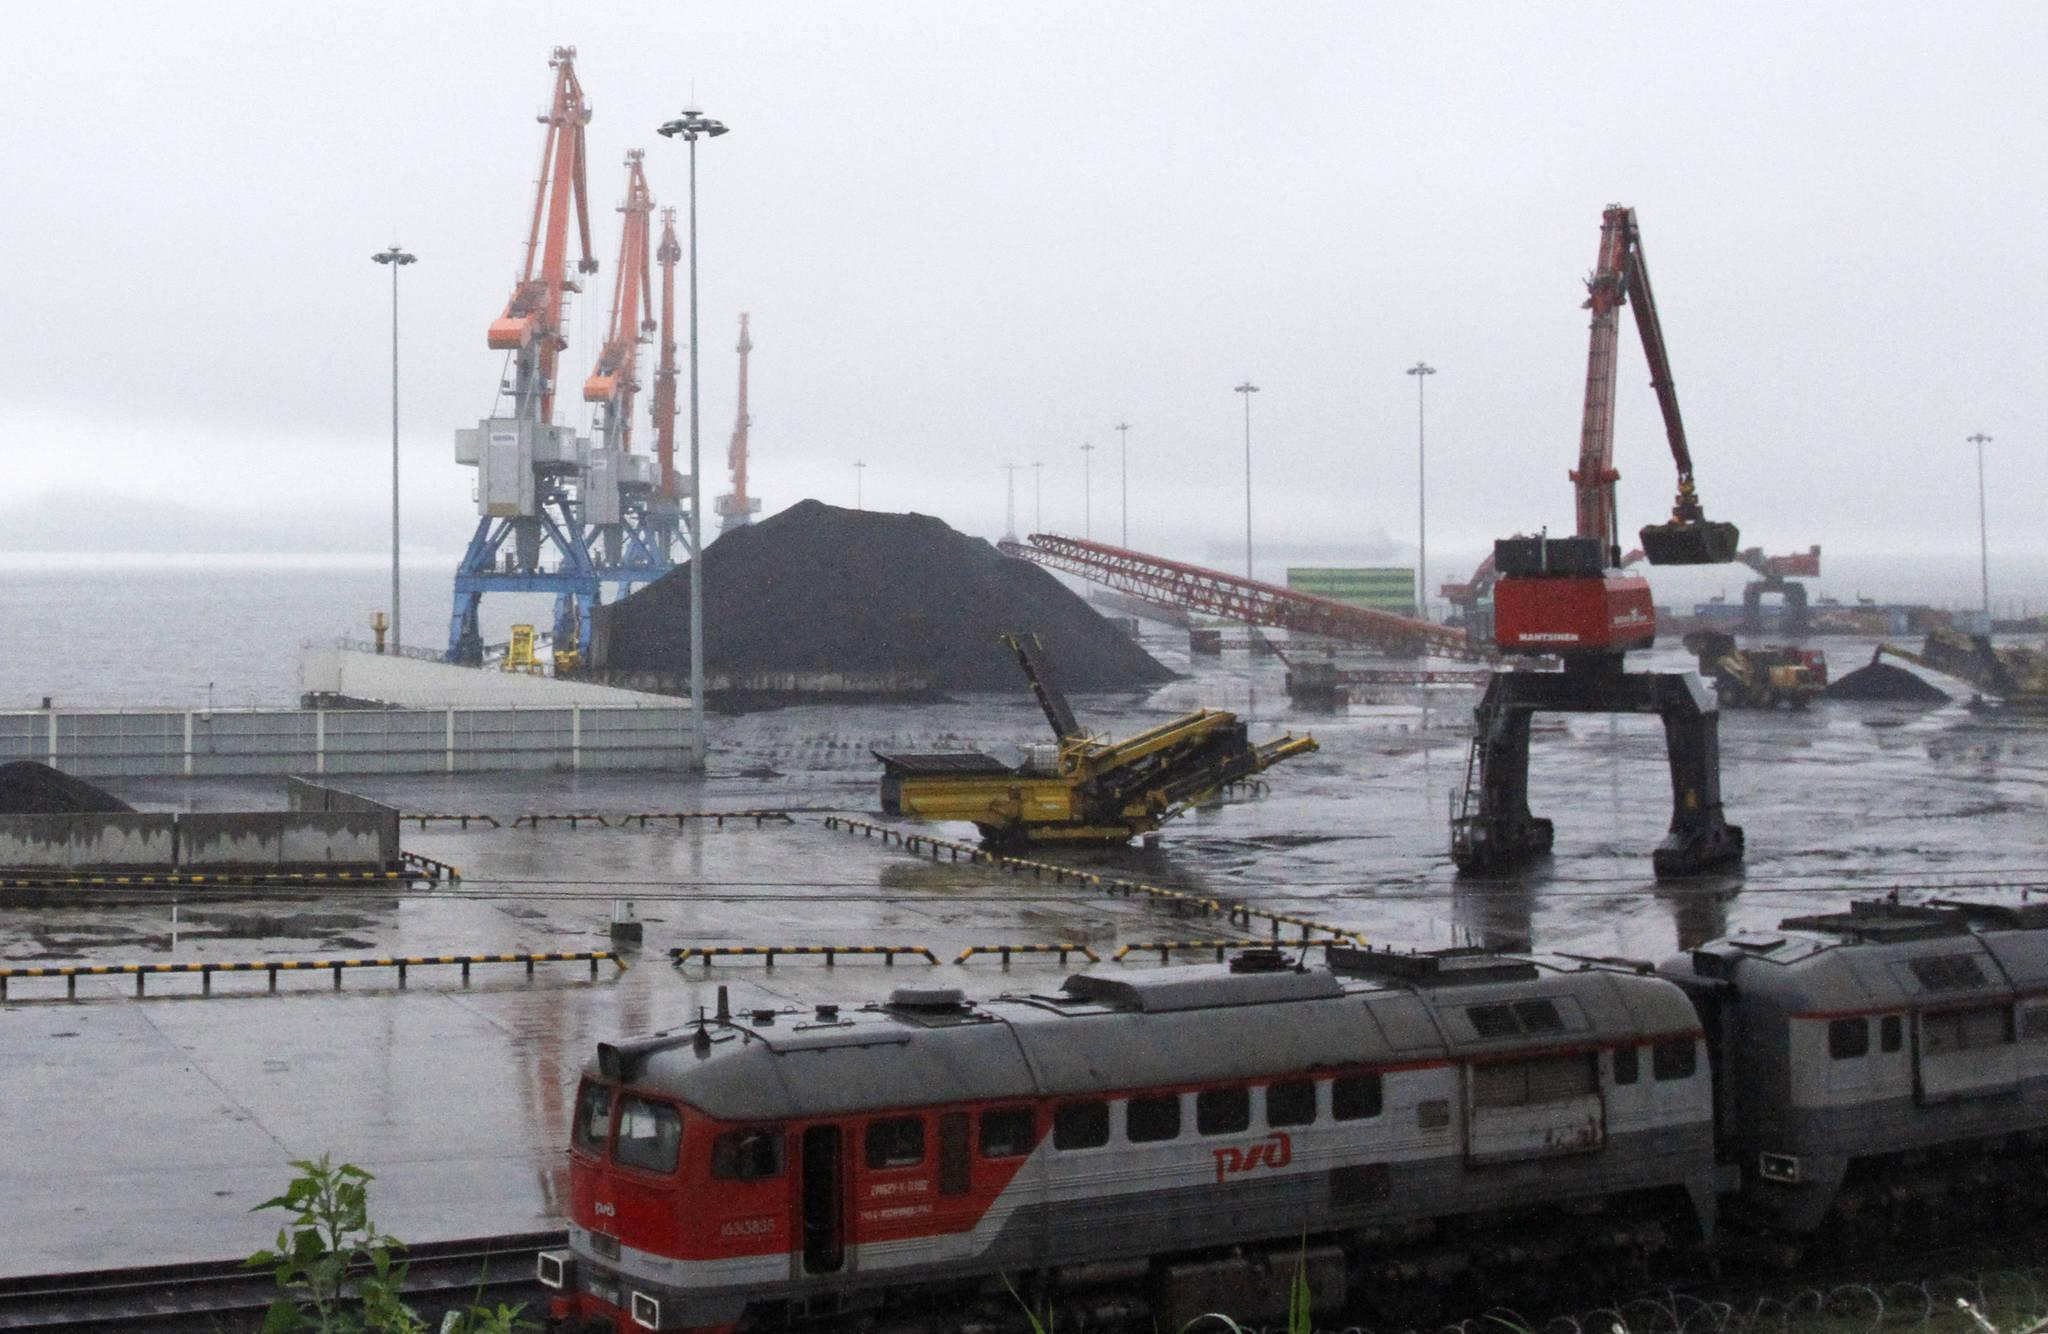 북한산 광물에 대한 수출 금지 조치를 시행하기 전인 2016년 7월 북한 나진항 부두에서 중국 수출용 석탄을 선적하는 모습. [AP=연합뉴스]